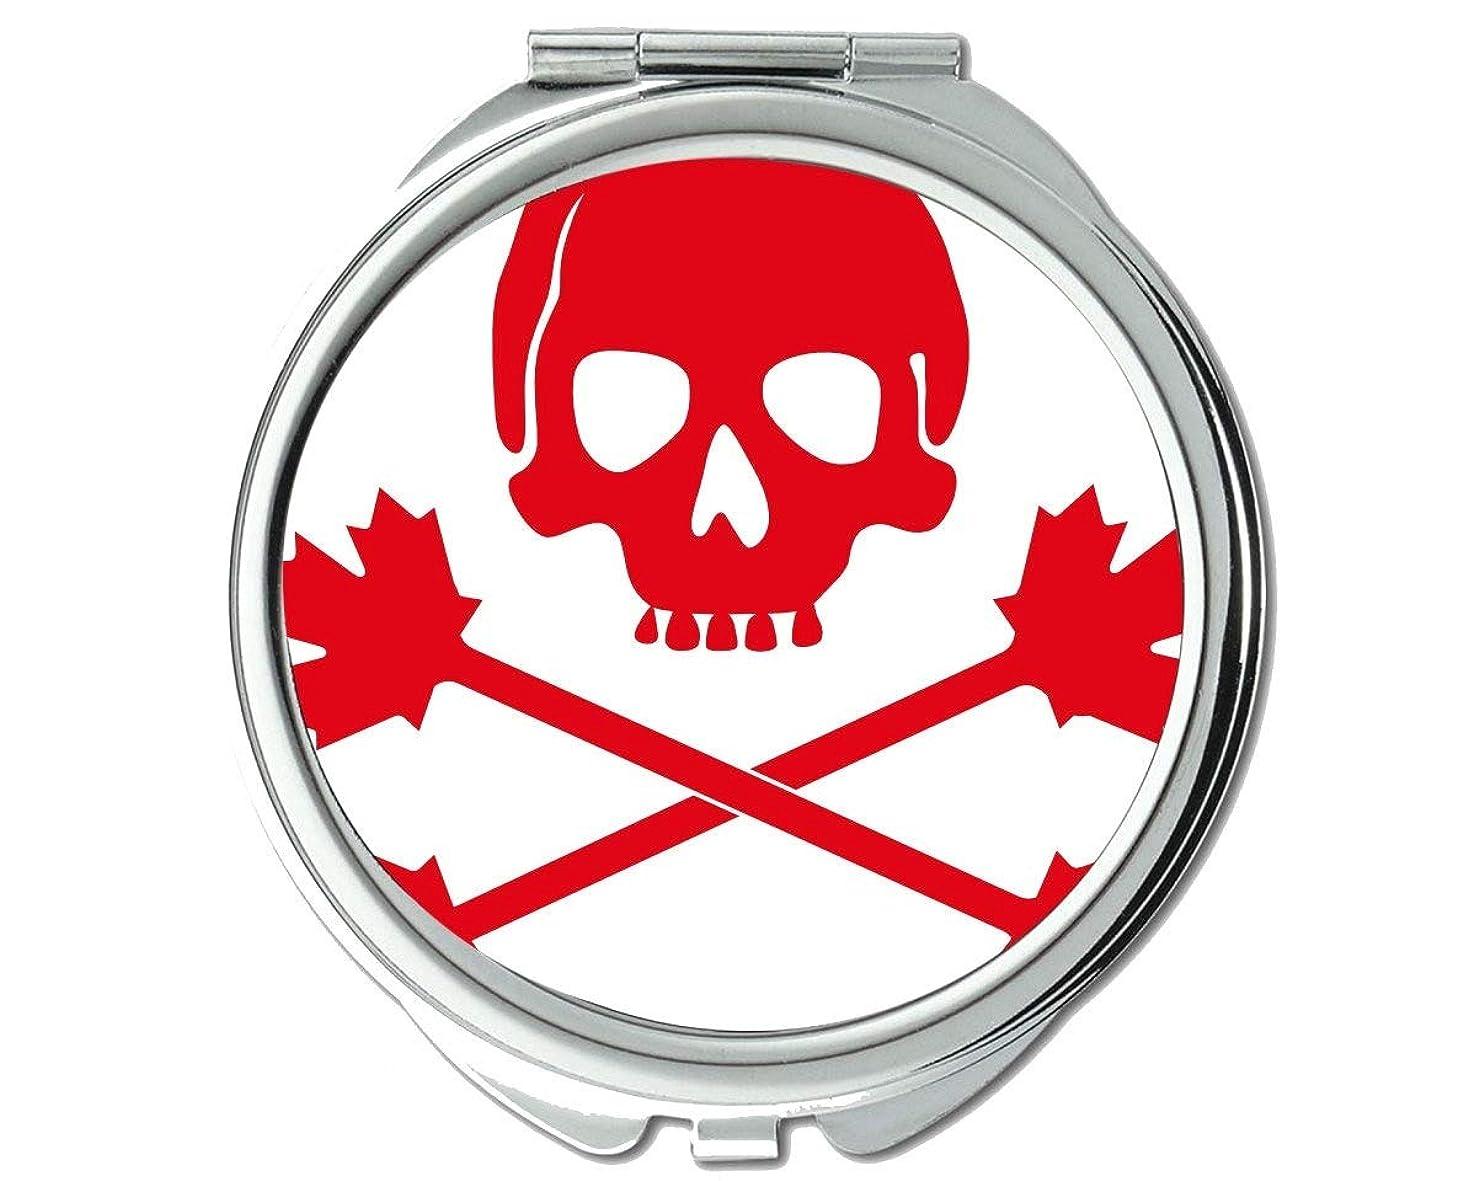 認可ディレイ満足できるミラー、ラウンドミラー、海賊旗カナダ、ポケットミラー、1 X 21 X拡大鏡